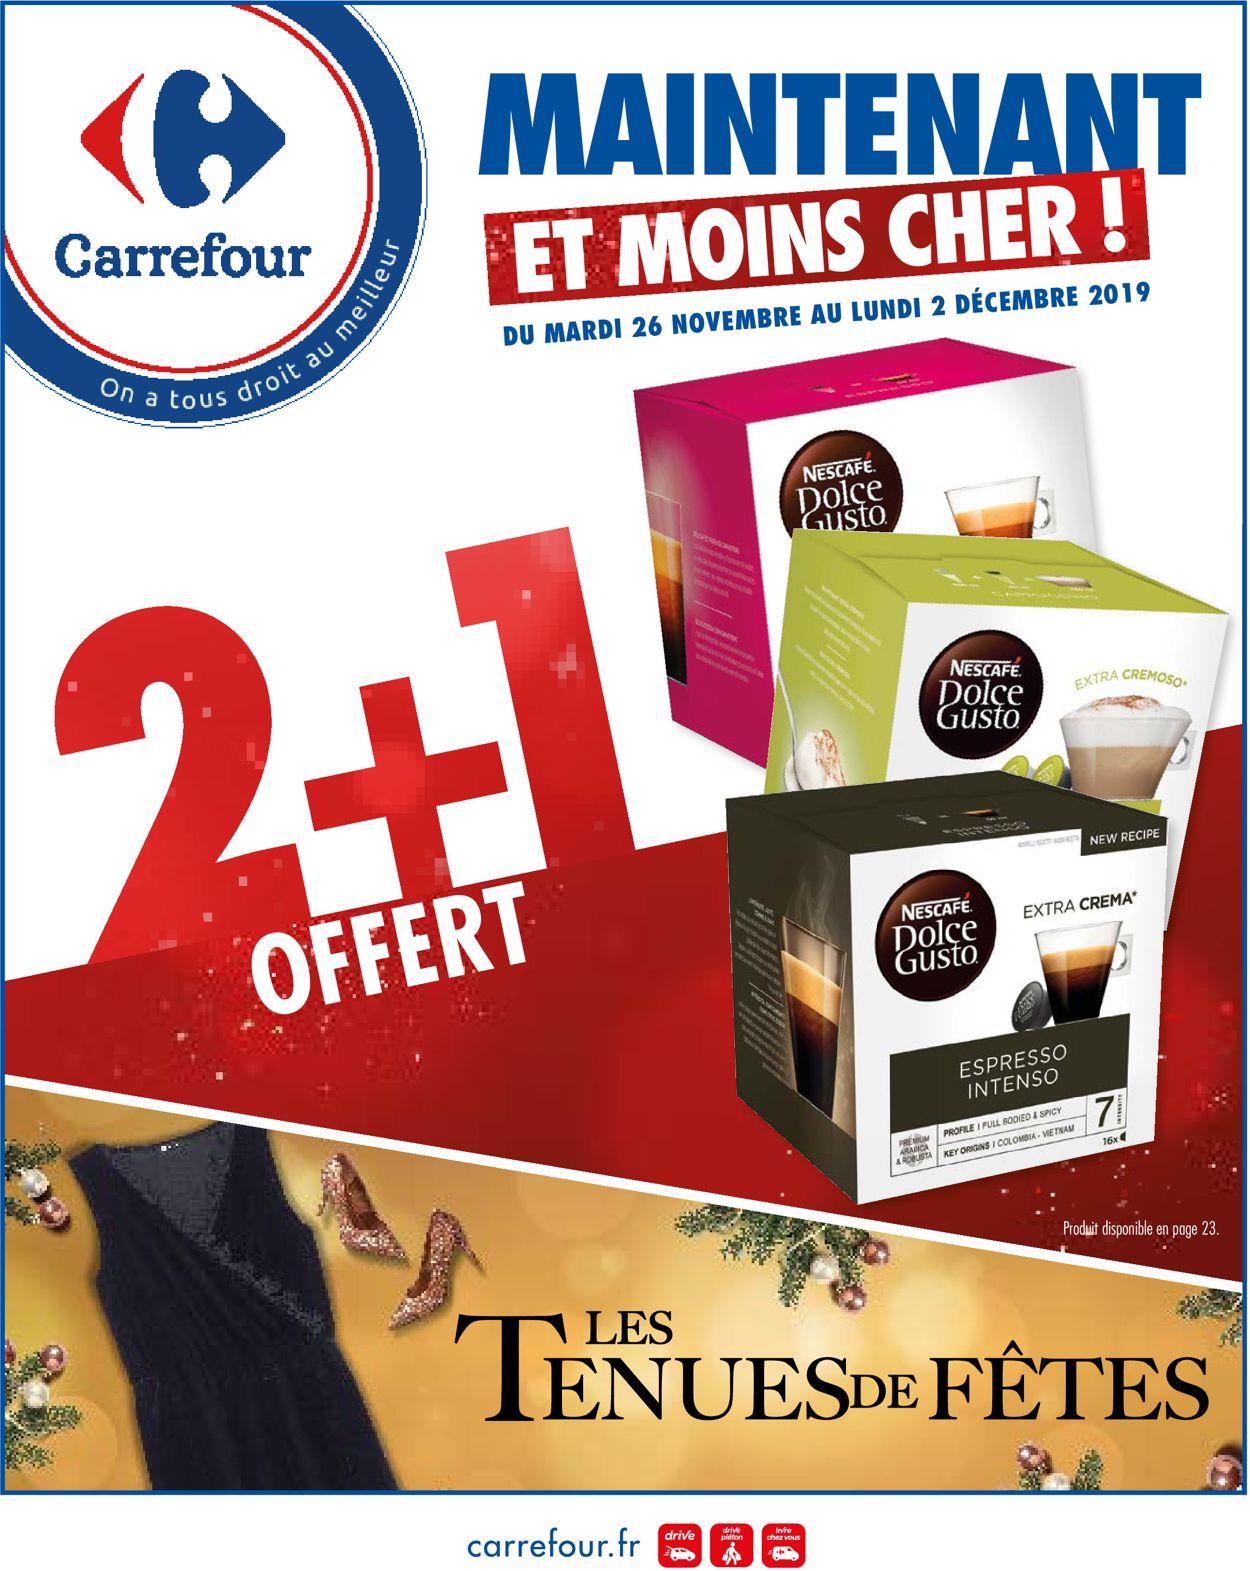 Carrefour Catalogue - 26.11-02.12.2019